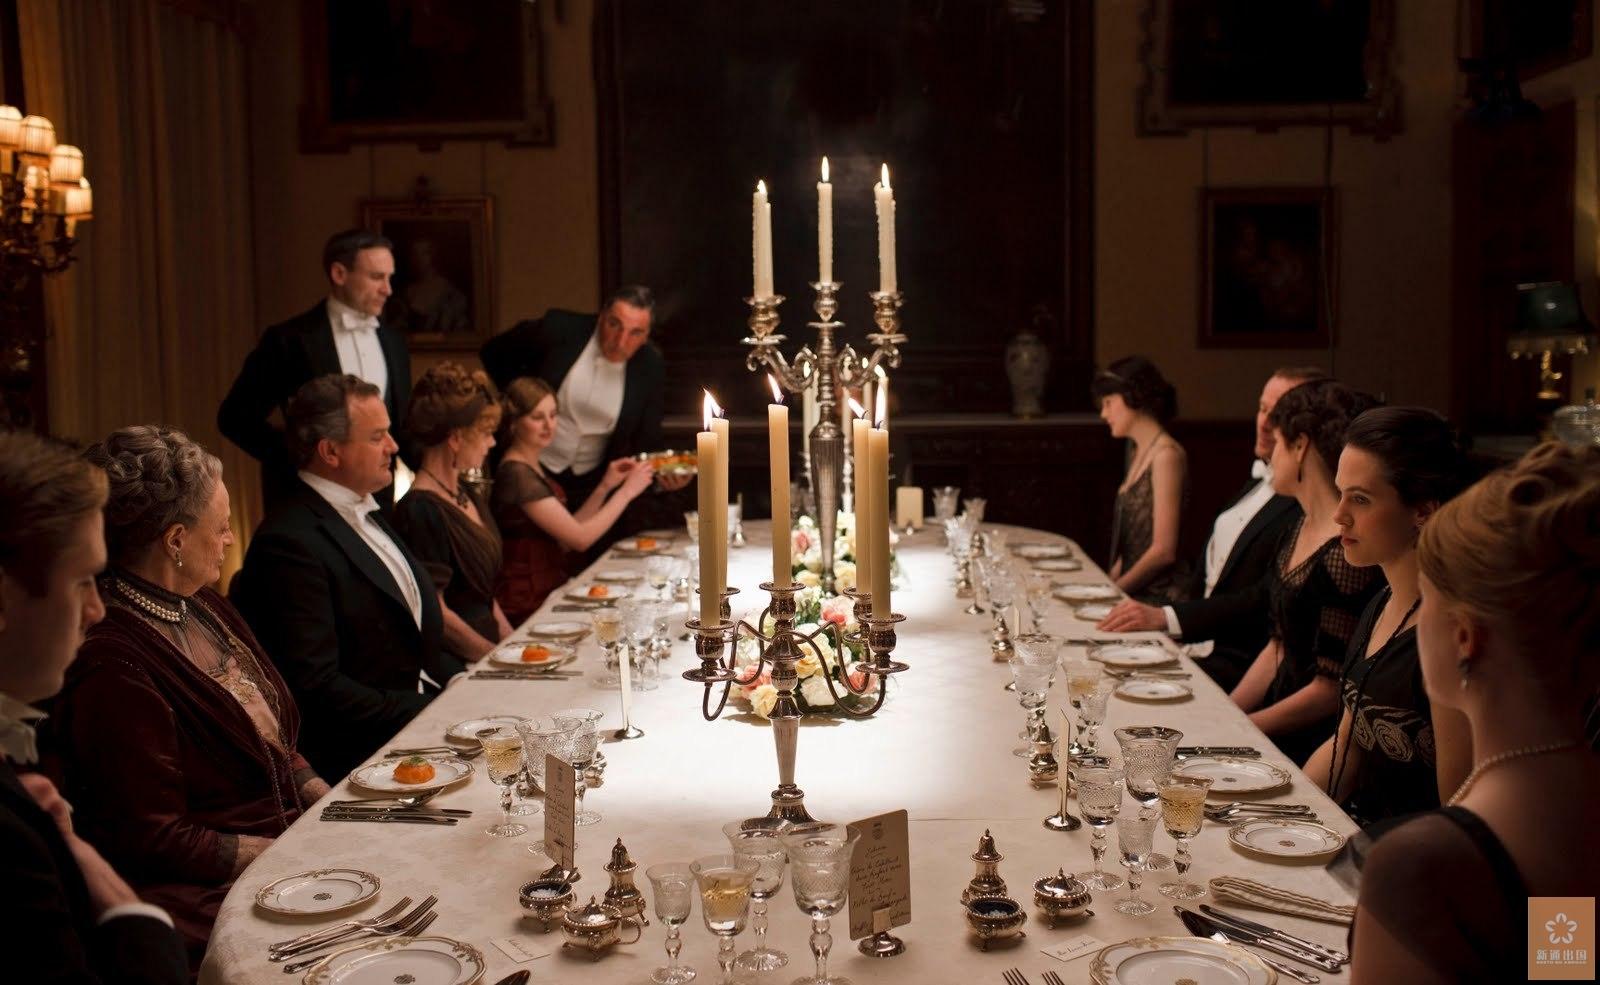 贵族气质养成记,学习欧洲礼仪,争做当代社会的淑女和绅士!